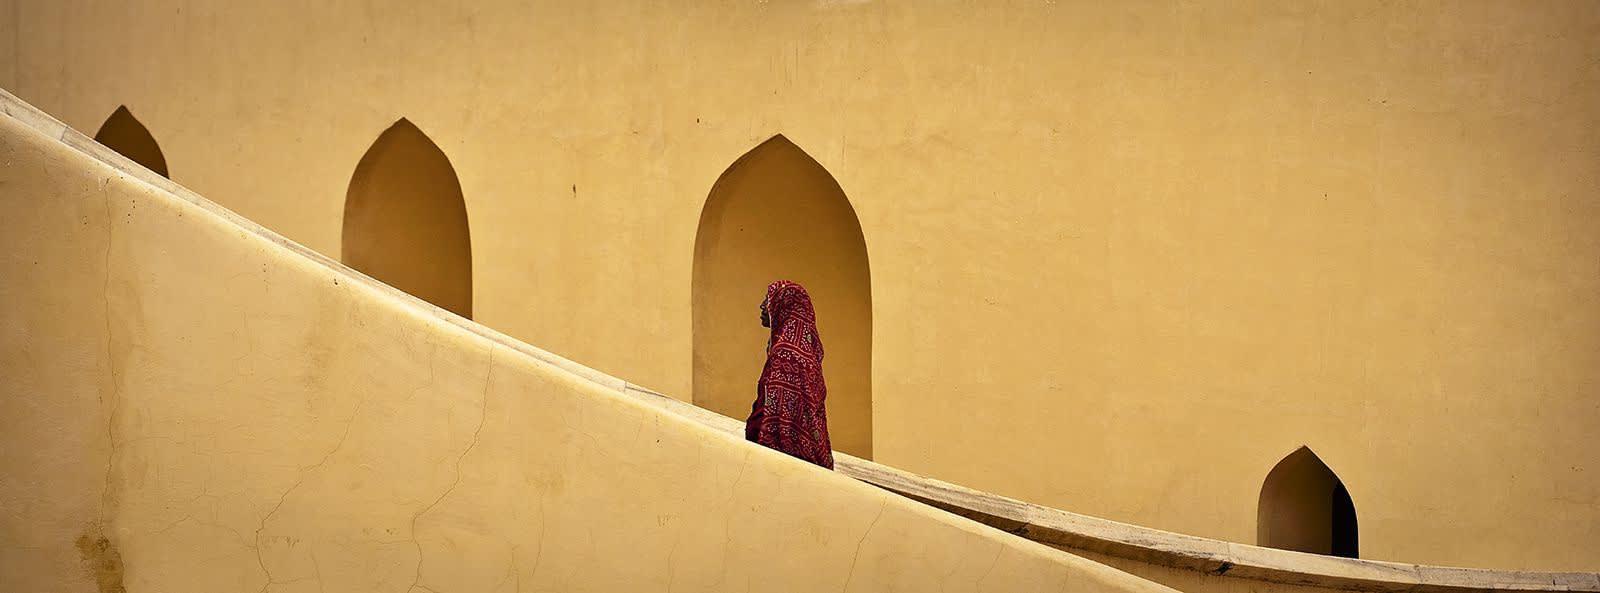 Matjaž Krivic, Jaipur, India